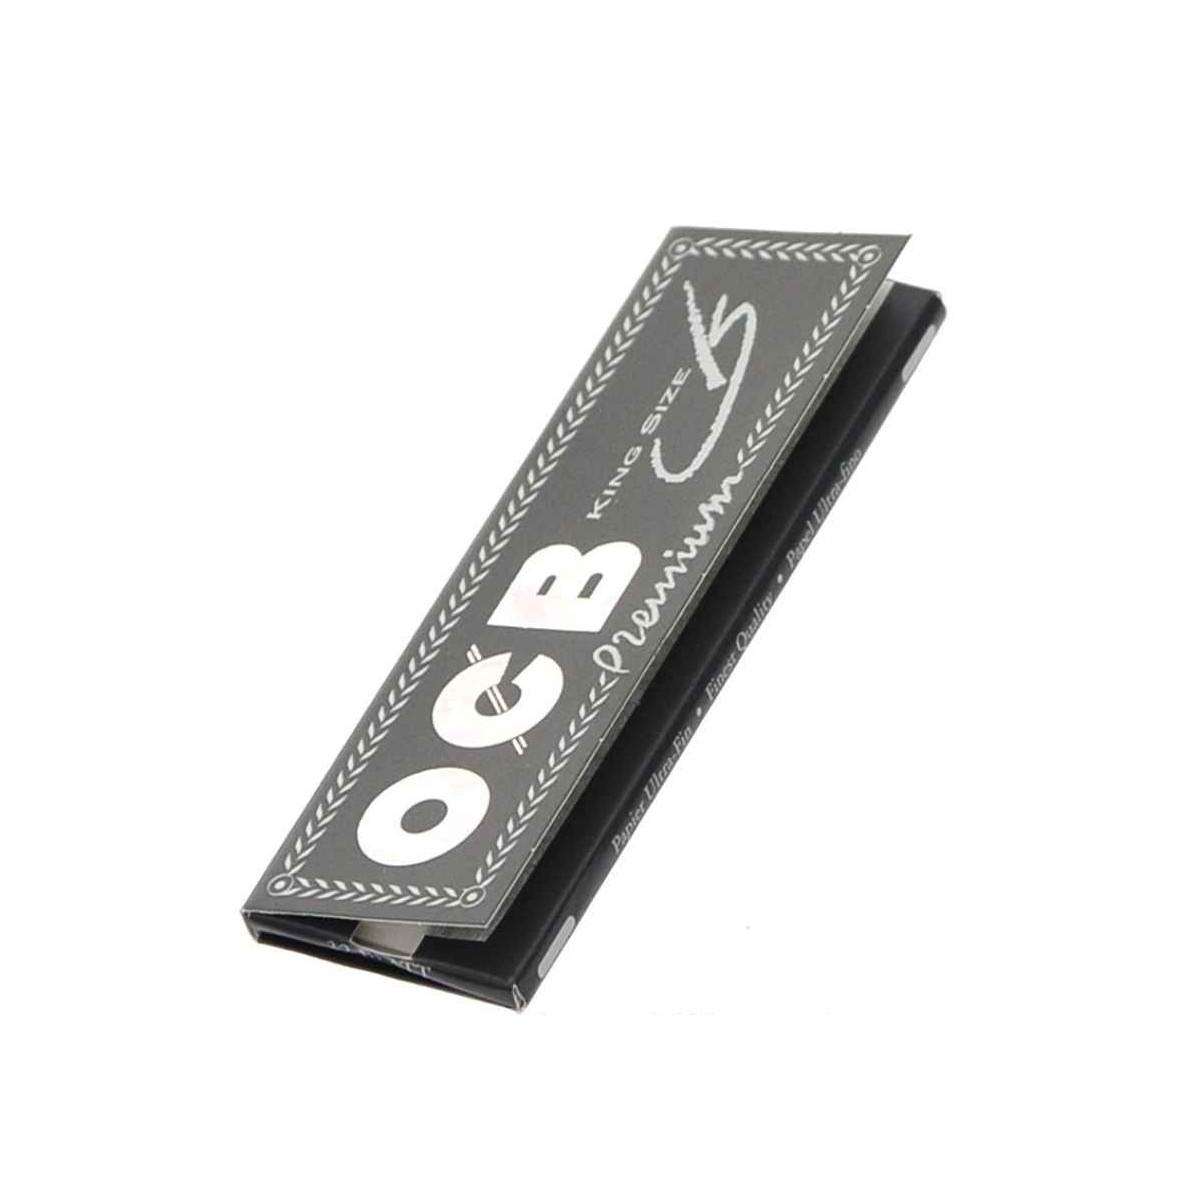 OCB premium Kingsize noir  - 1